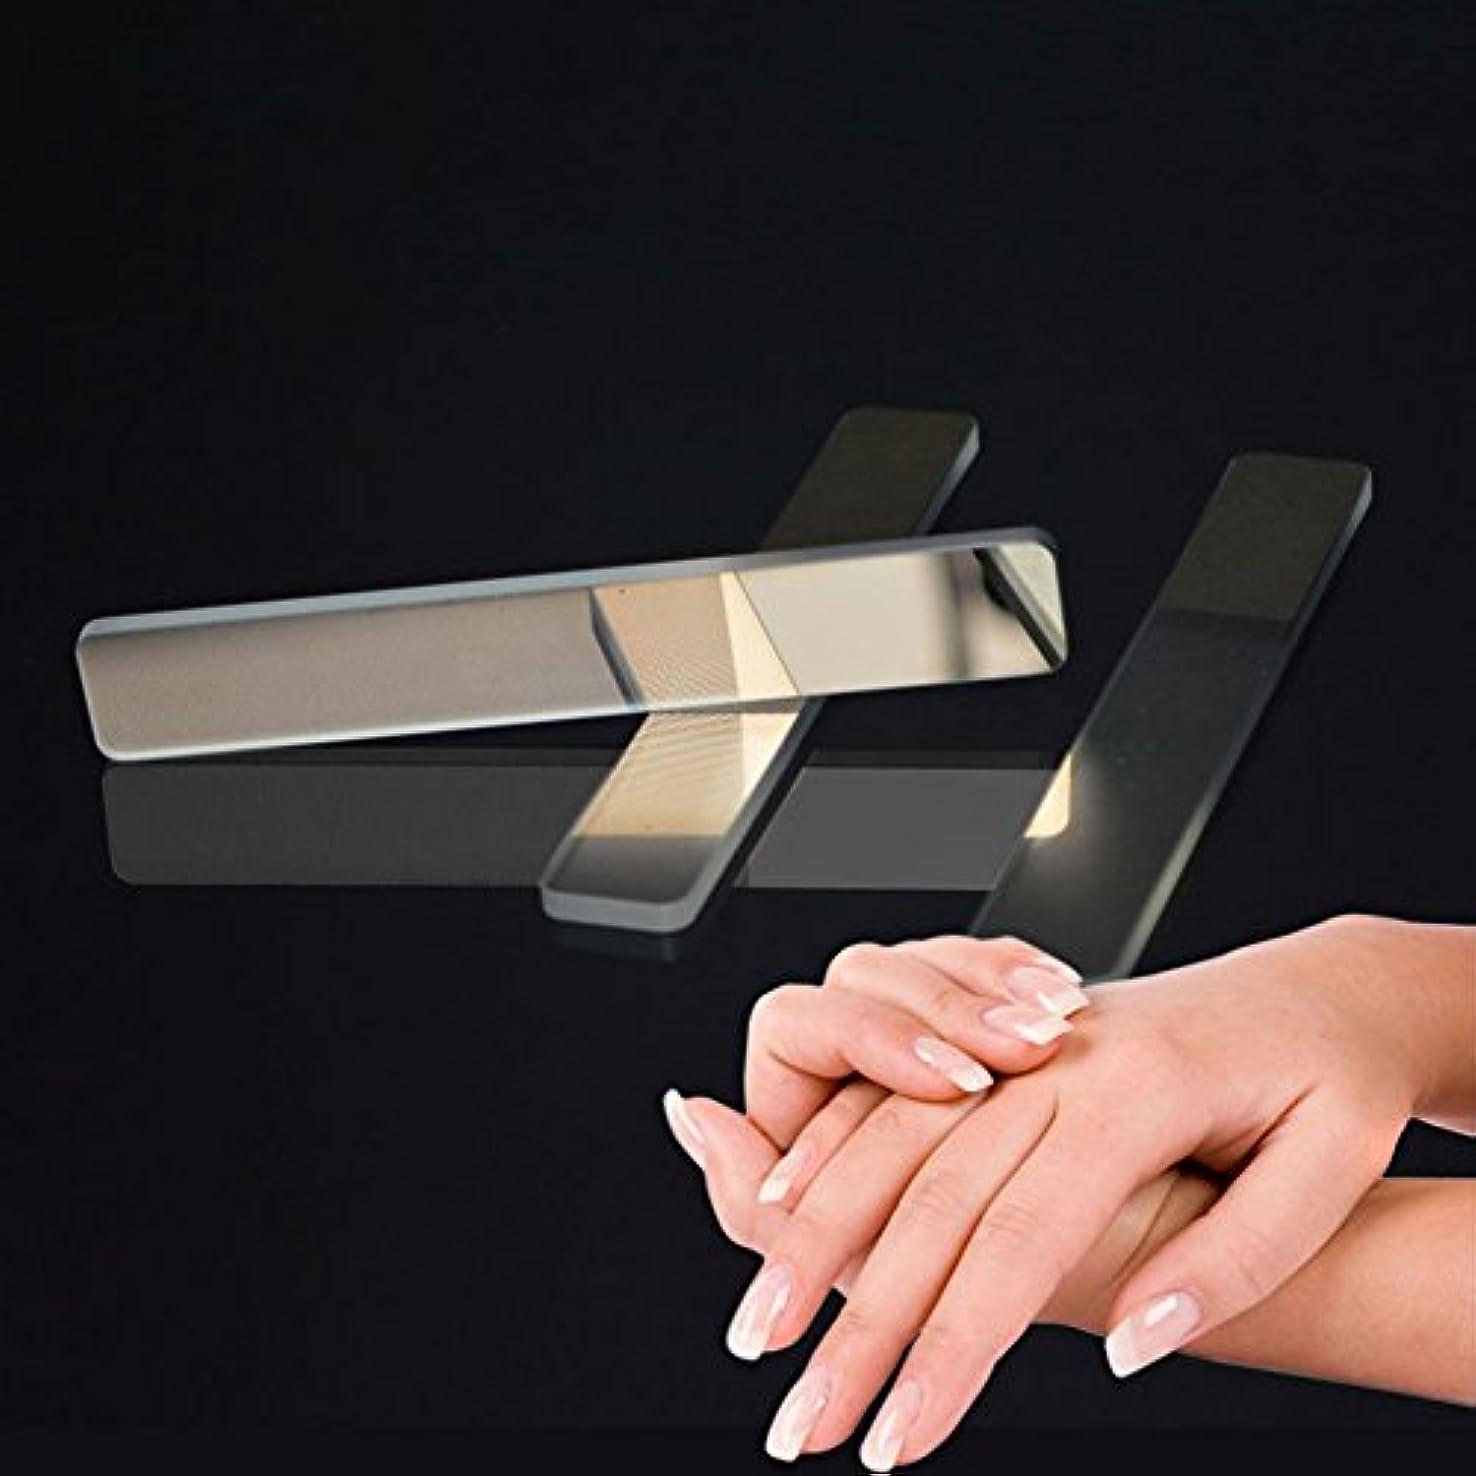 ヘッドレスストレスの多いトラップ爪やすり WUUDI 爪磨き ガラス爪ヤスリ ネイルファイル ネイルシャイナー つめケア ガラス製 ネイルケア 甘皮処理 (白)